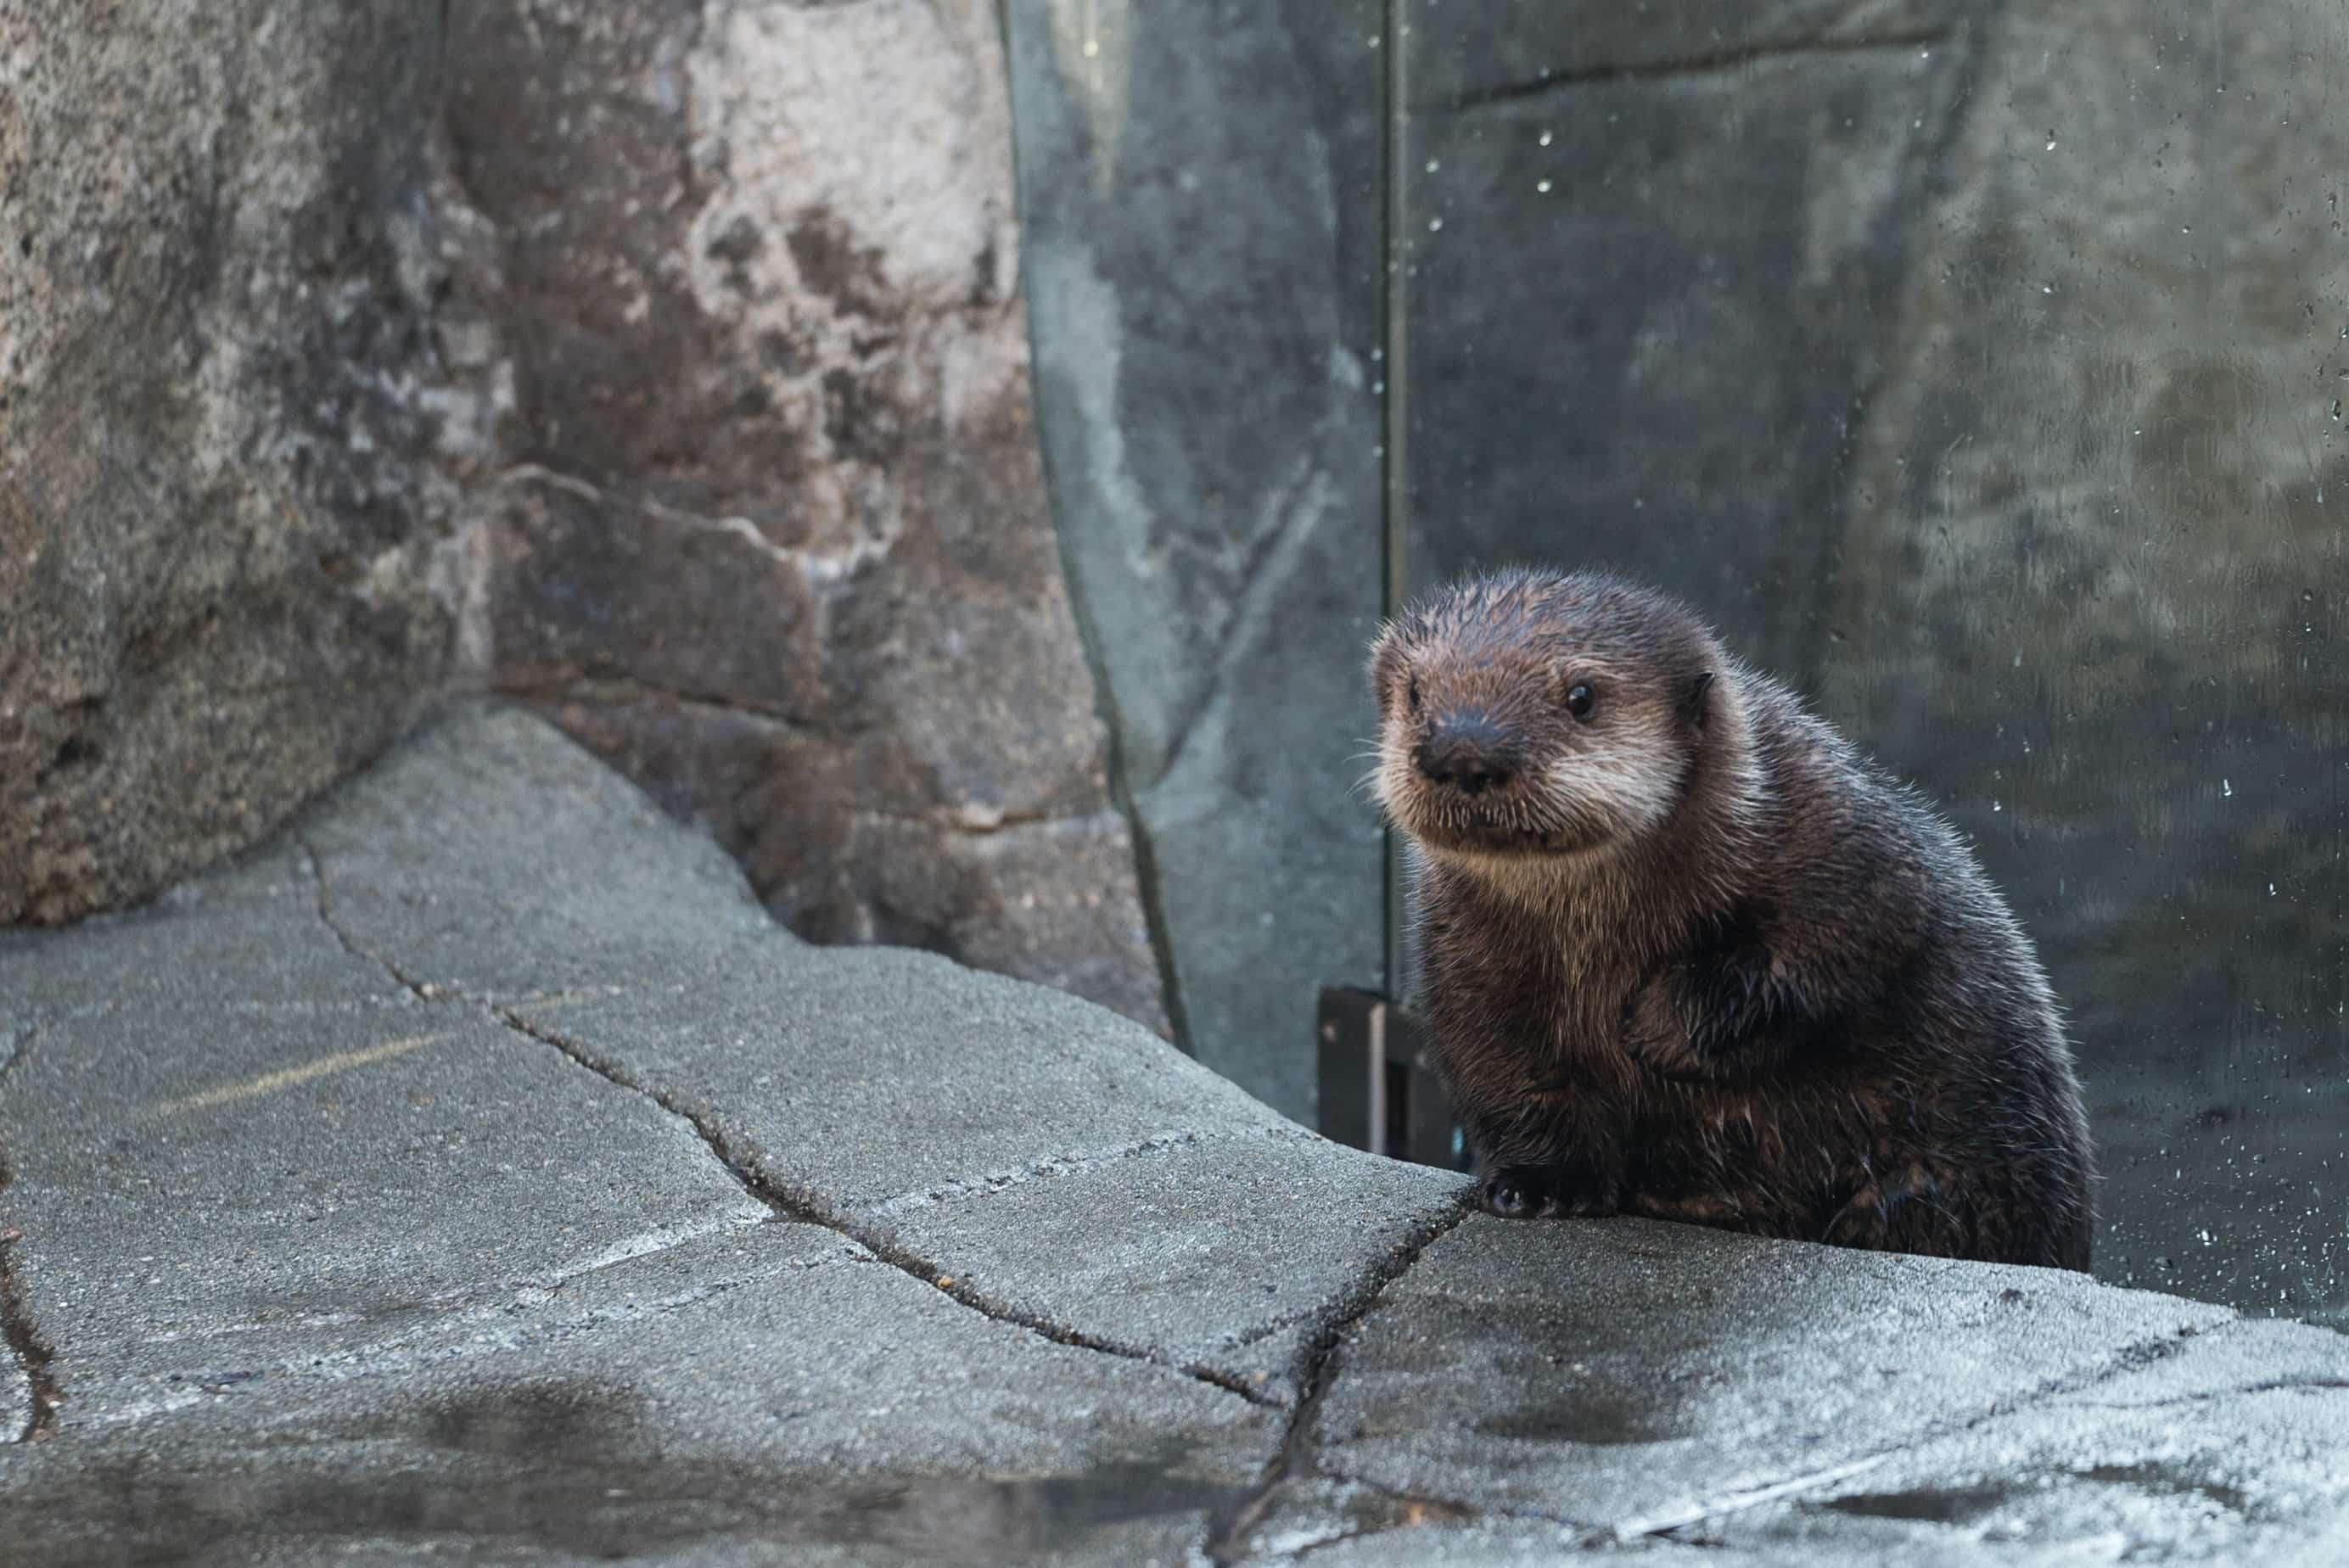 Vancouver Aquarium / Accommodations in BC